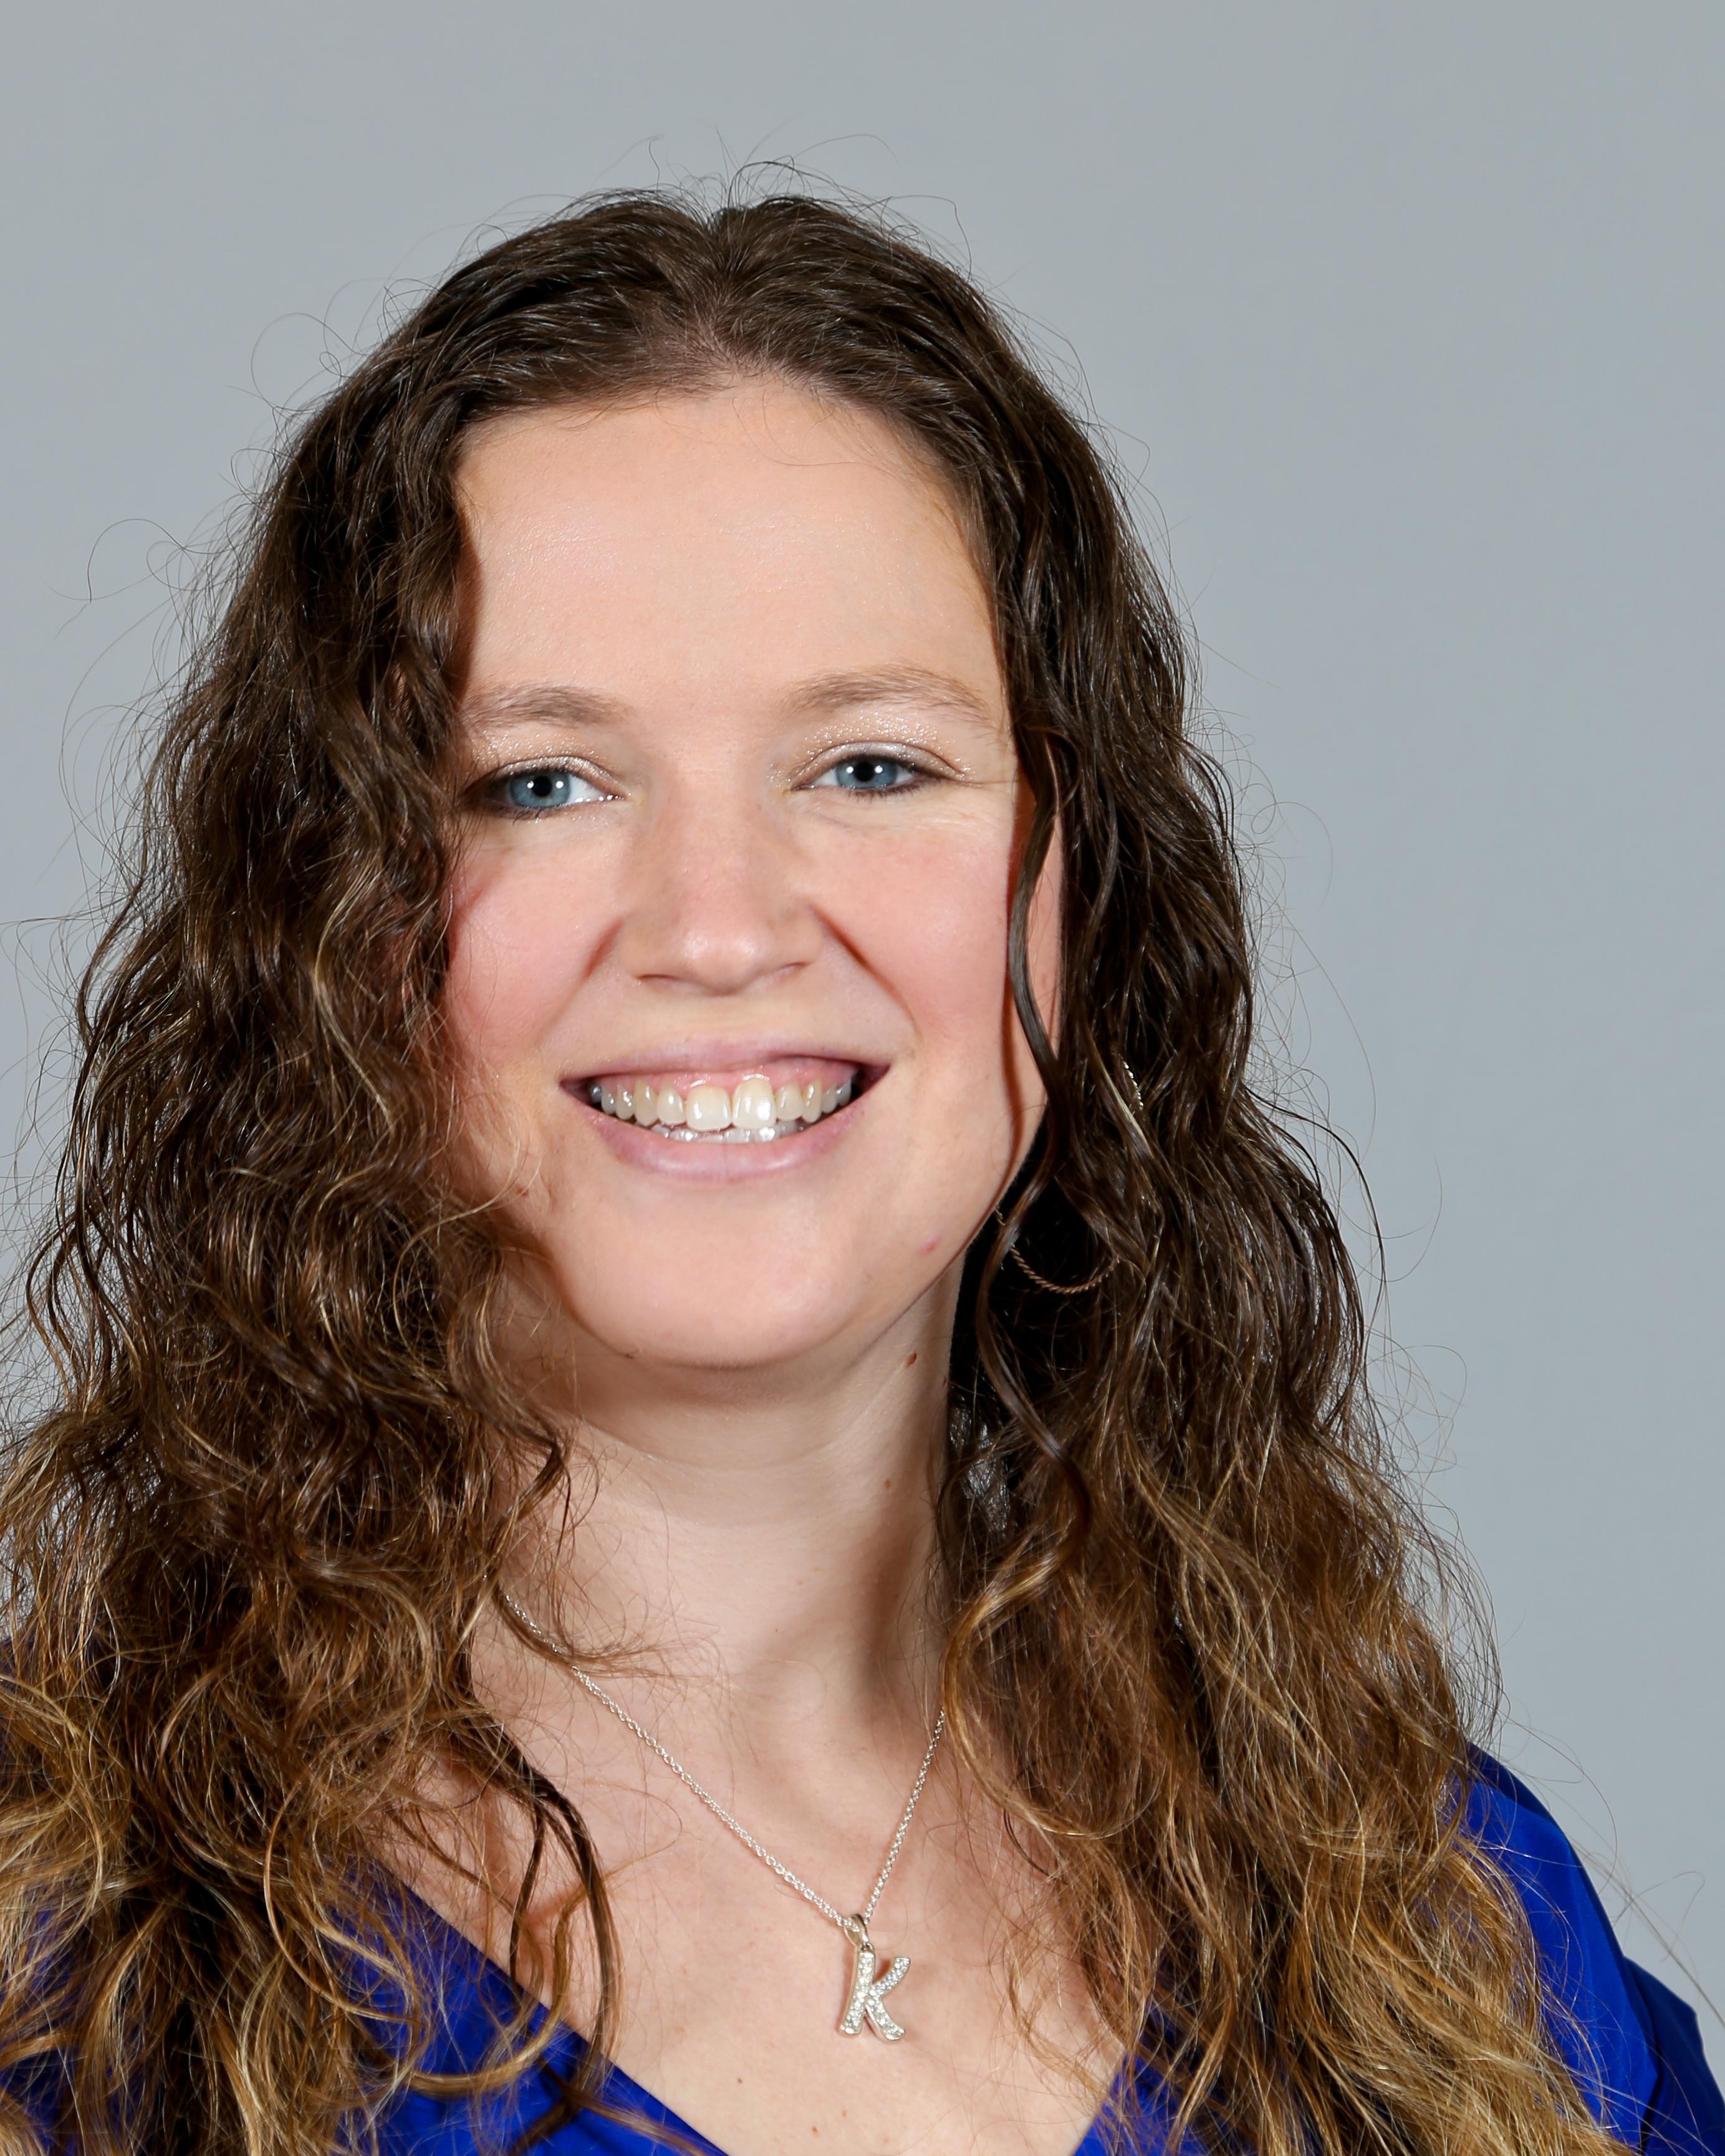 Cassie Kautzer Portrait Photo